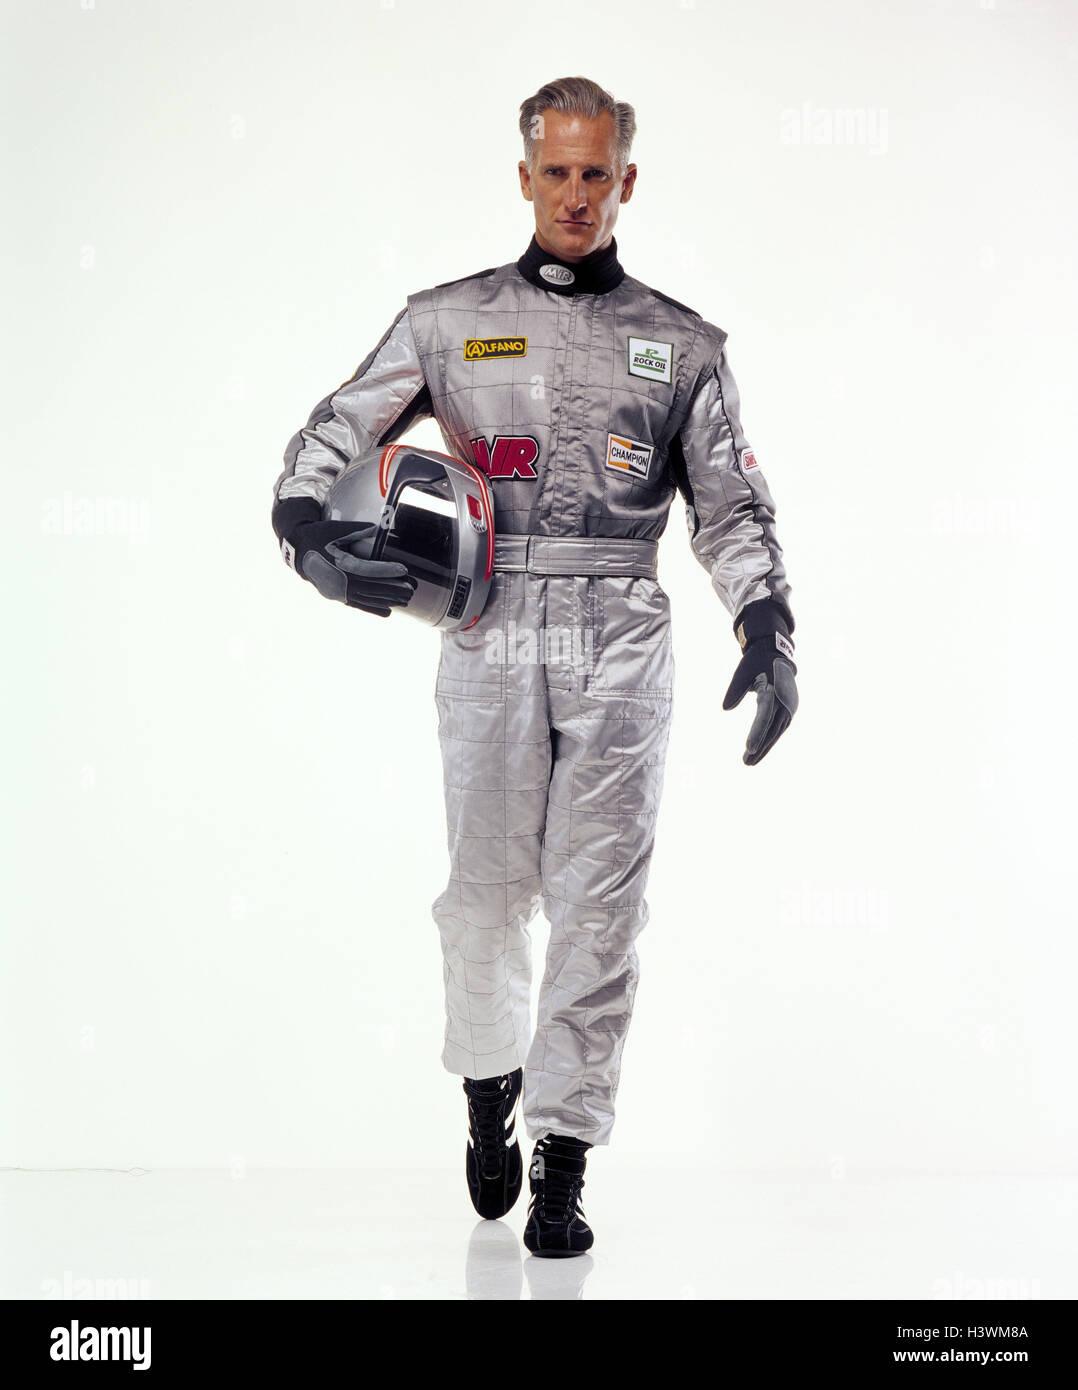 Le sport automobile, pilote de course, dans l'ensemble, casque, argent, motion, go sport, sport de course, l'homme, Photo Stock